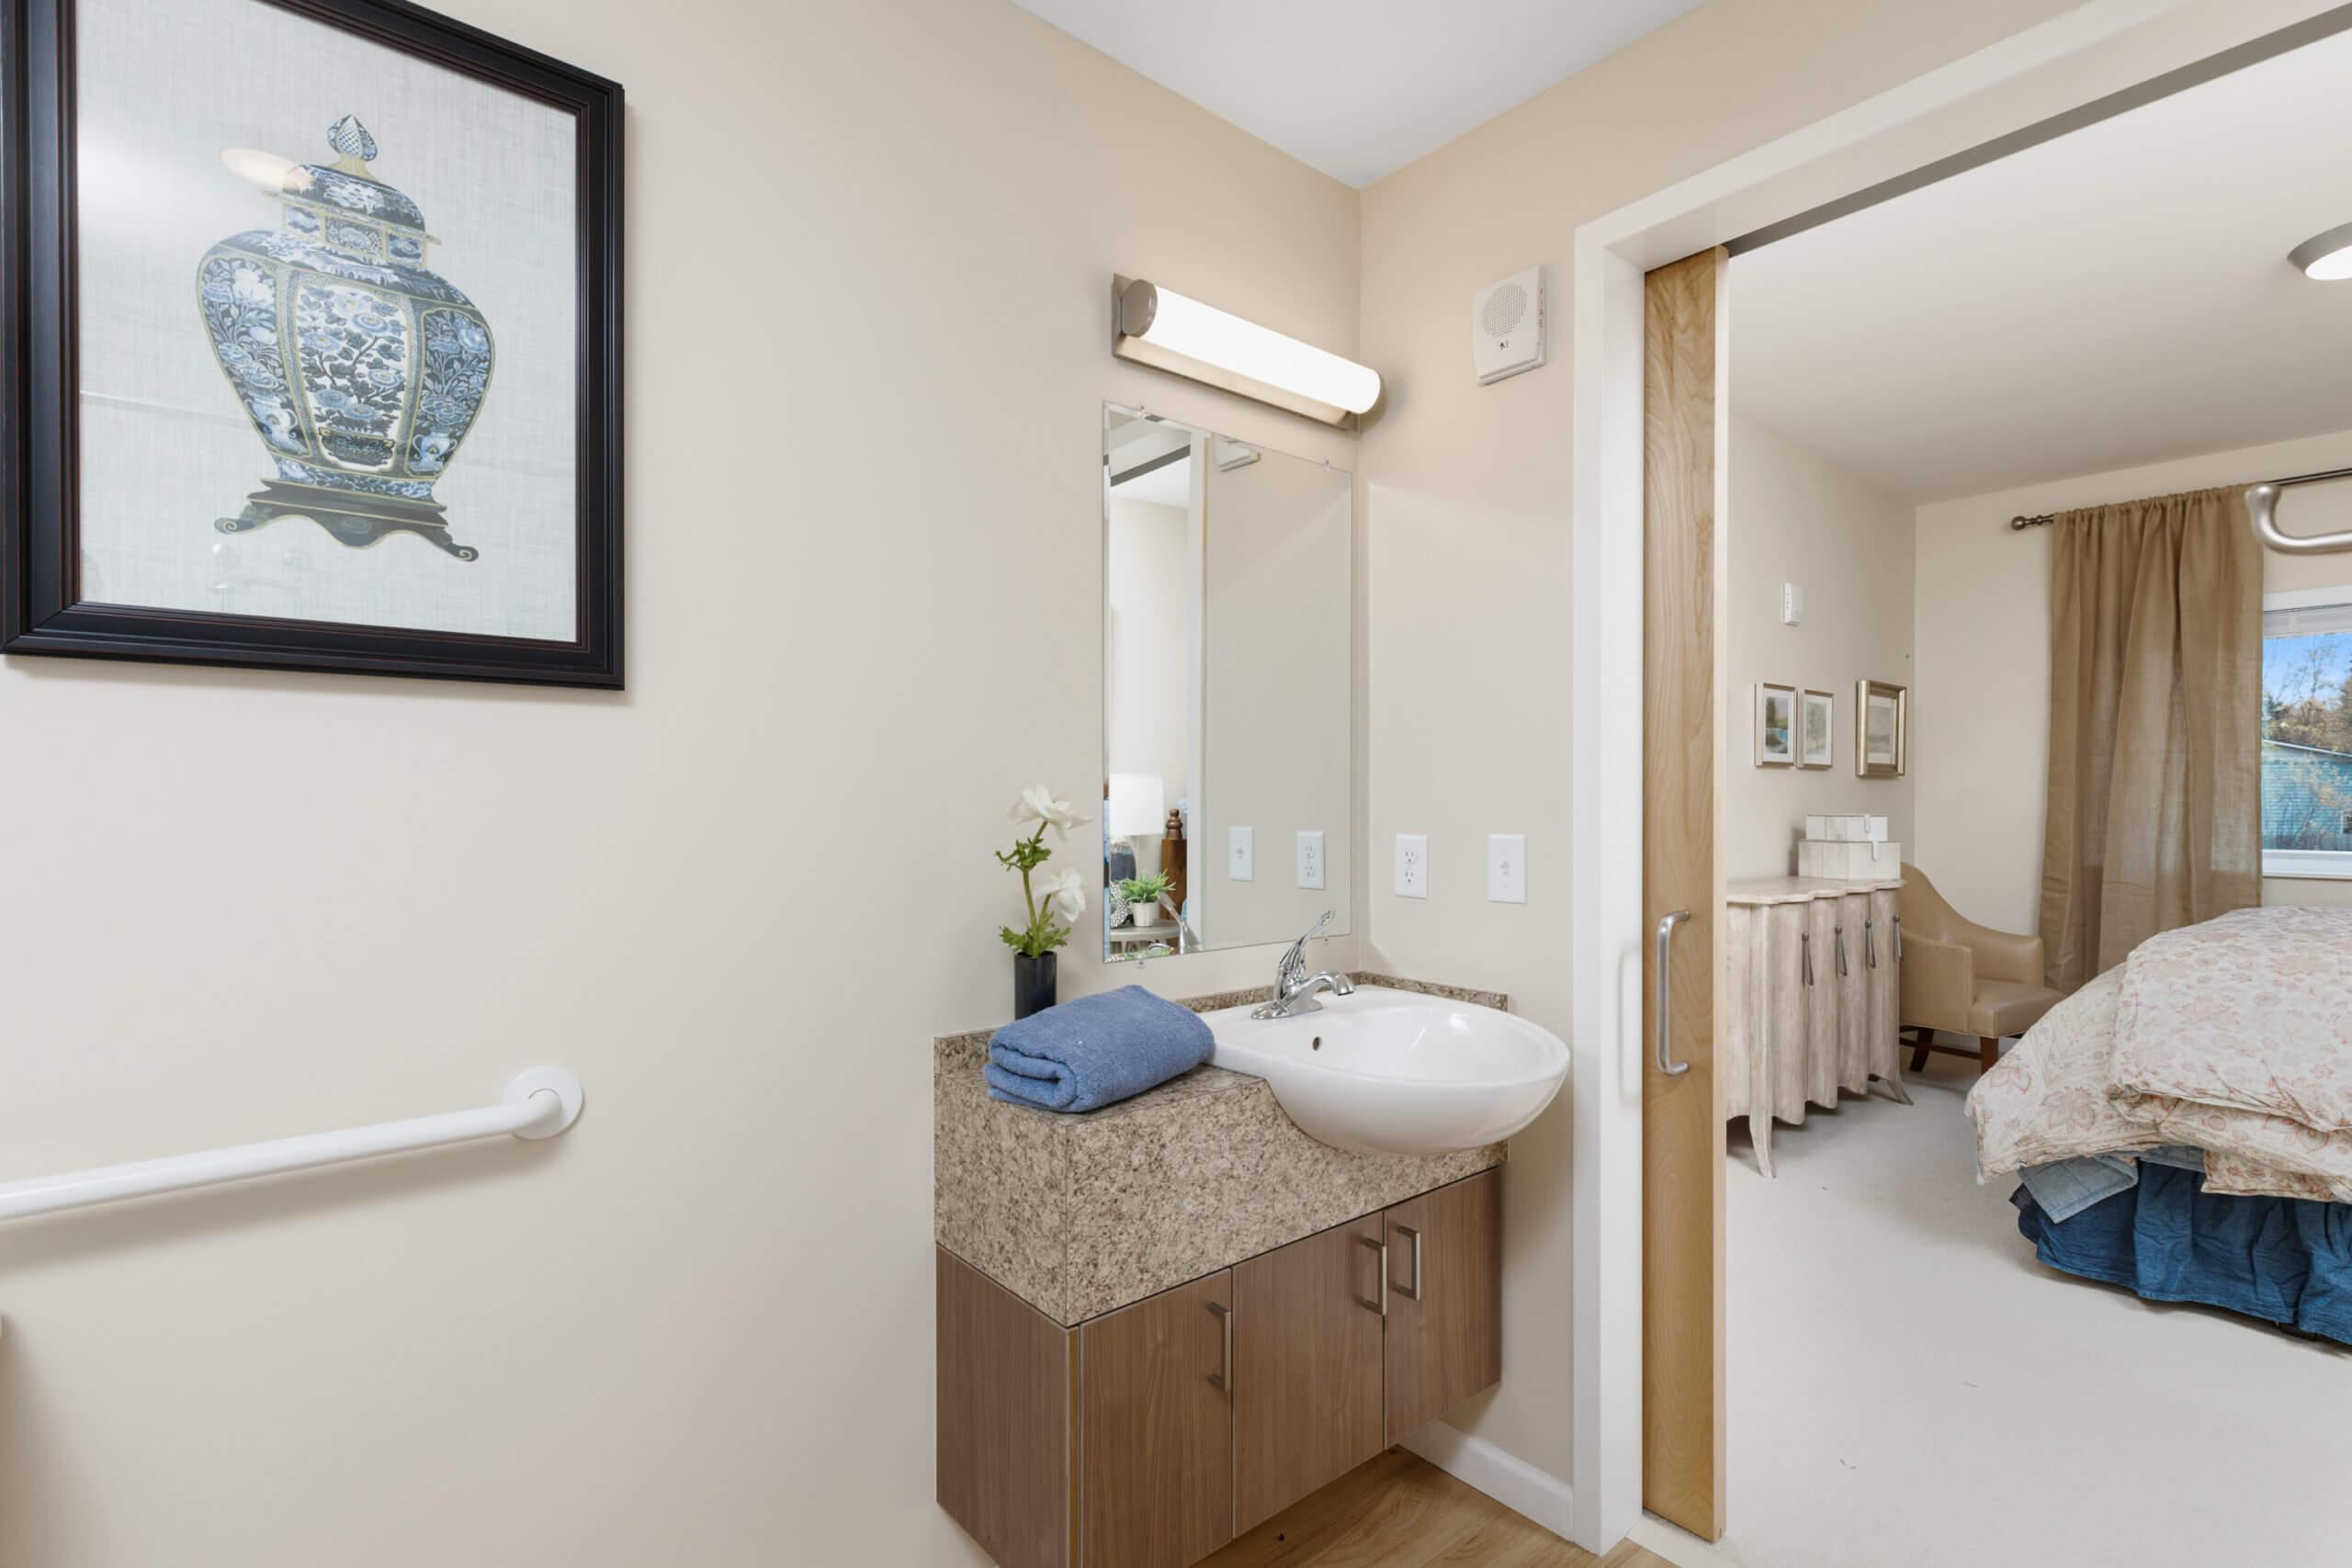 Baxter Senior Living Assisted Living - 1 Bedroom Bathroom